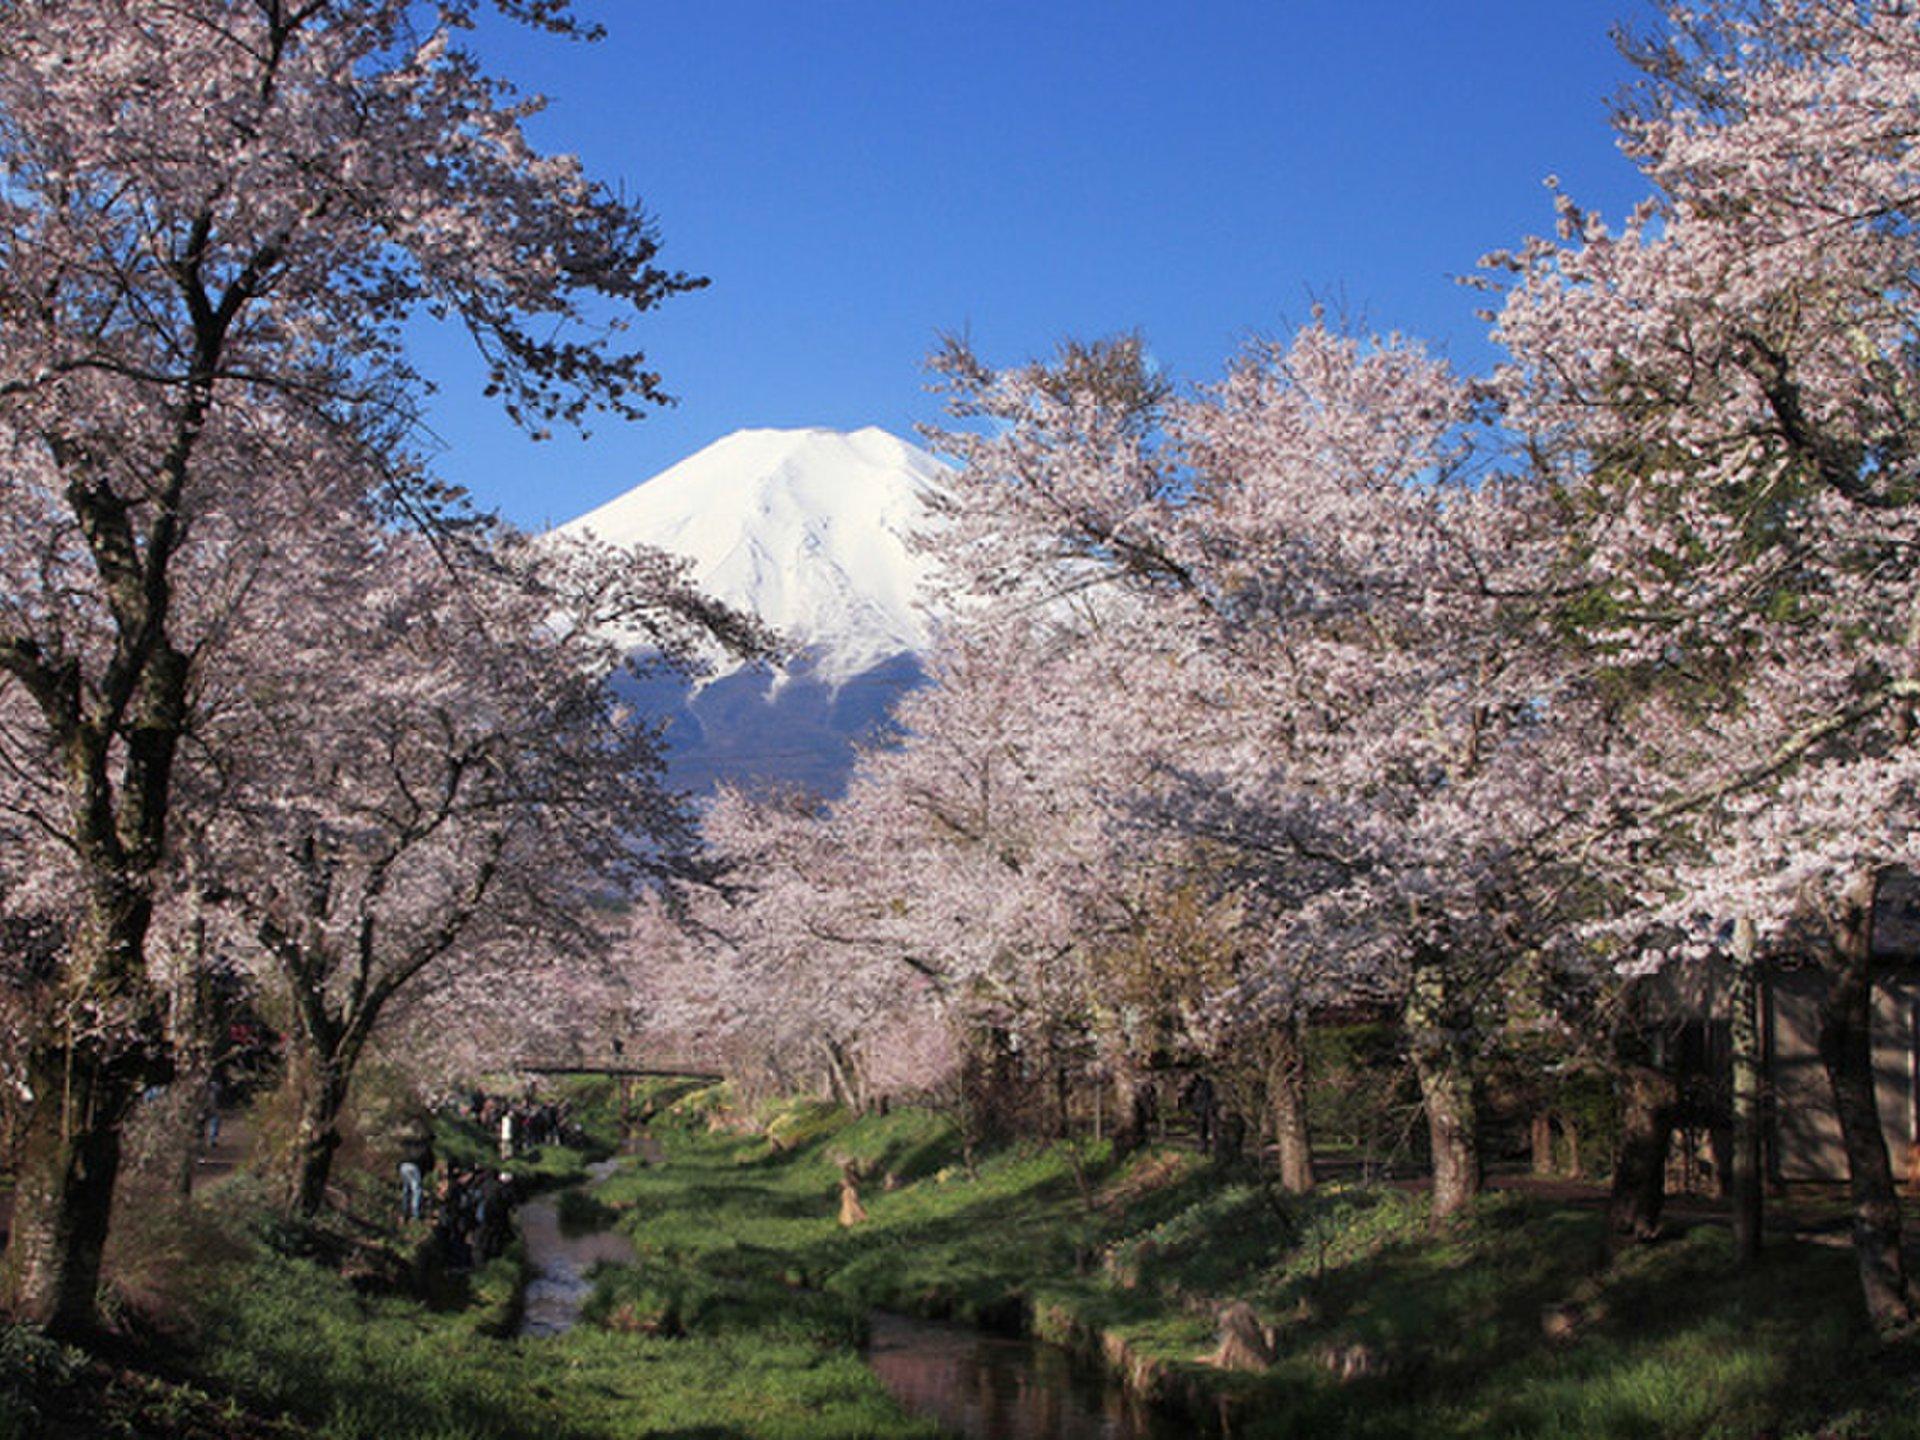 日本名所!穴場なのに絶景が見られる、おすすめスポット7選